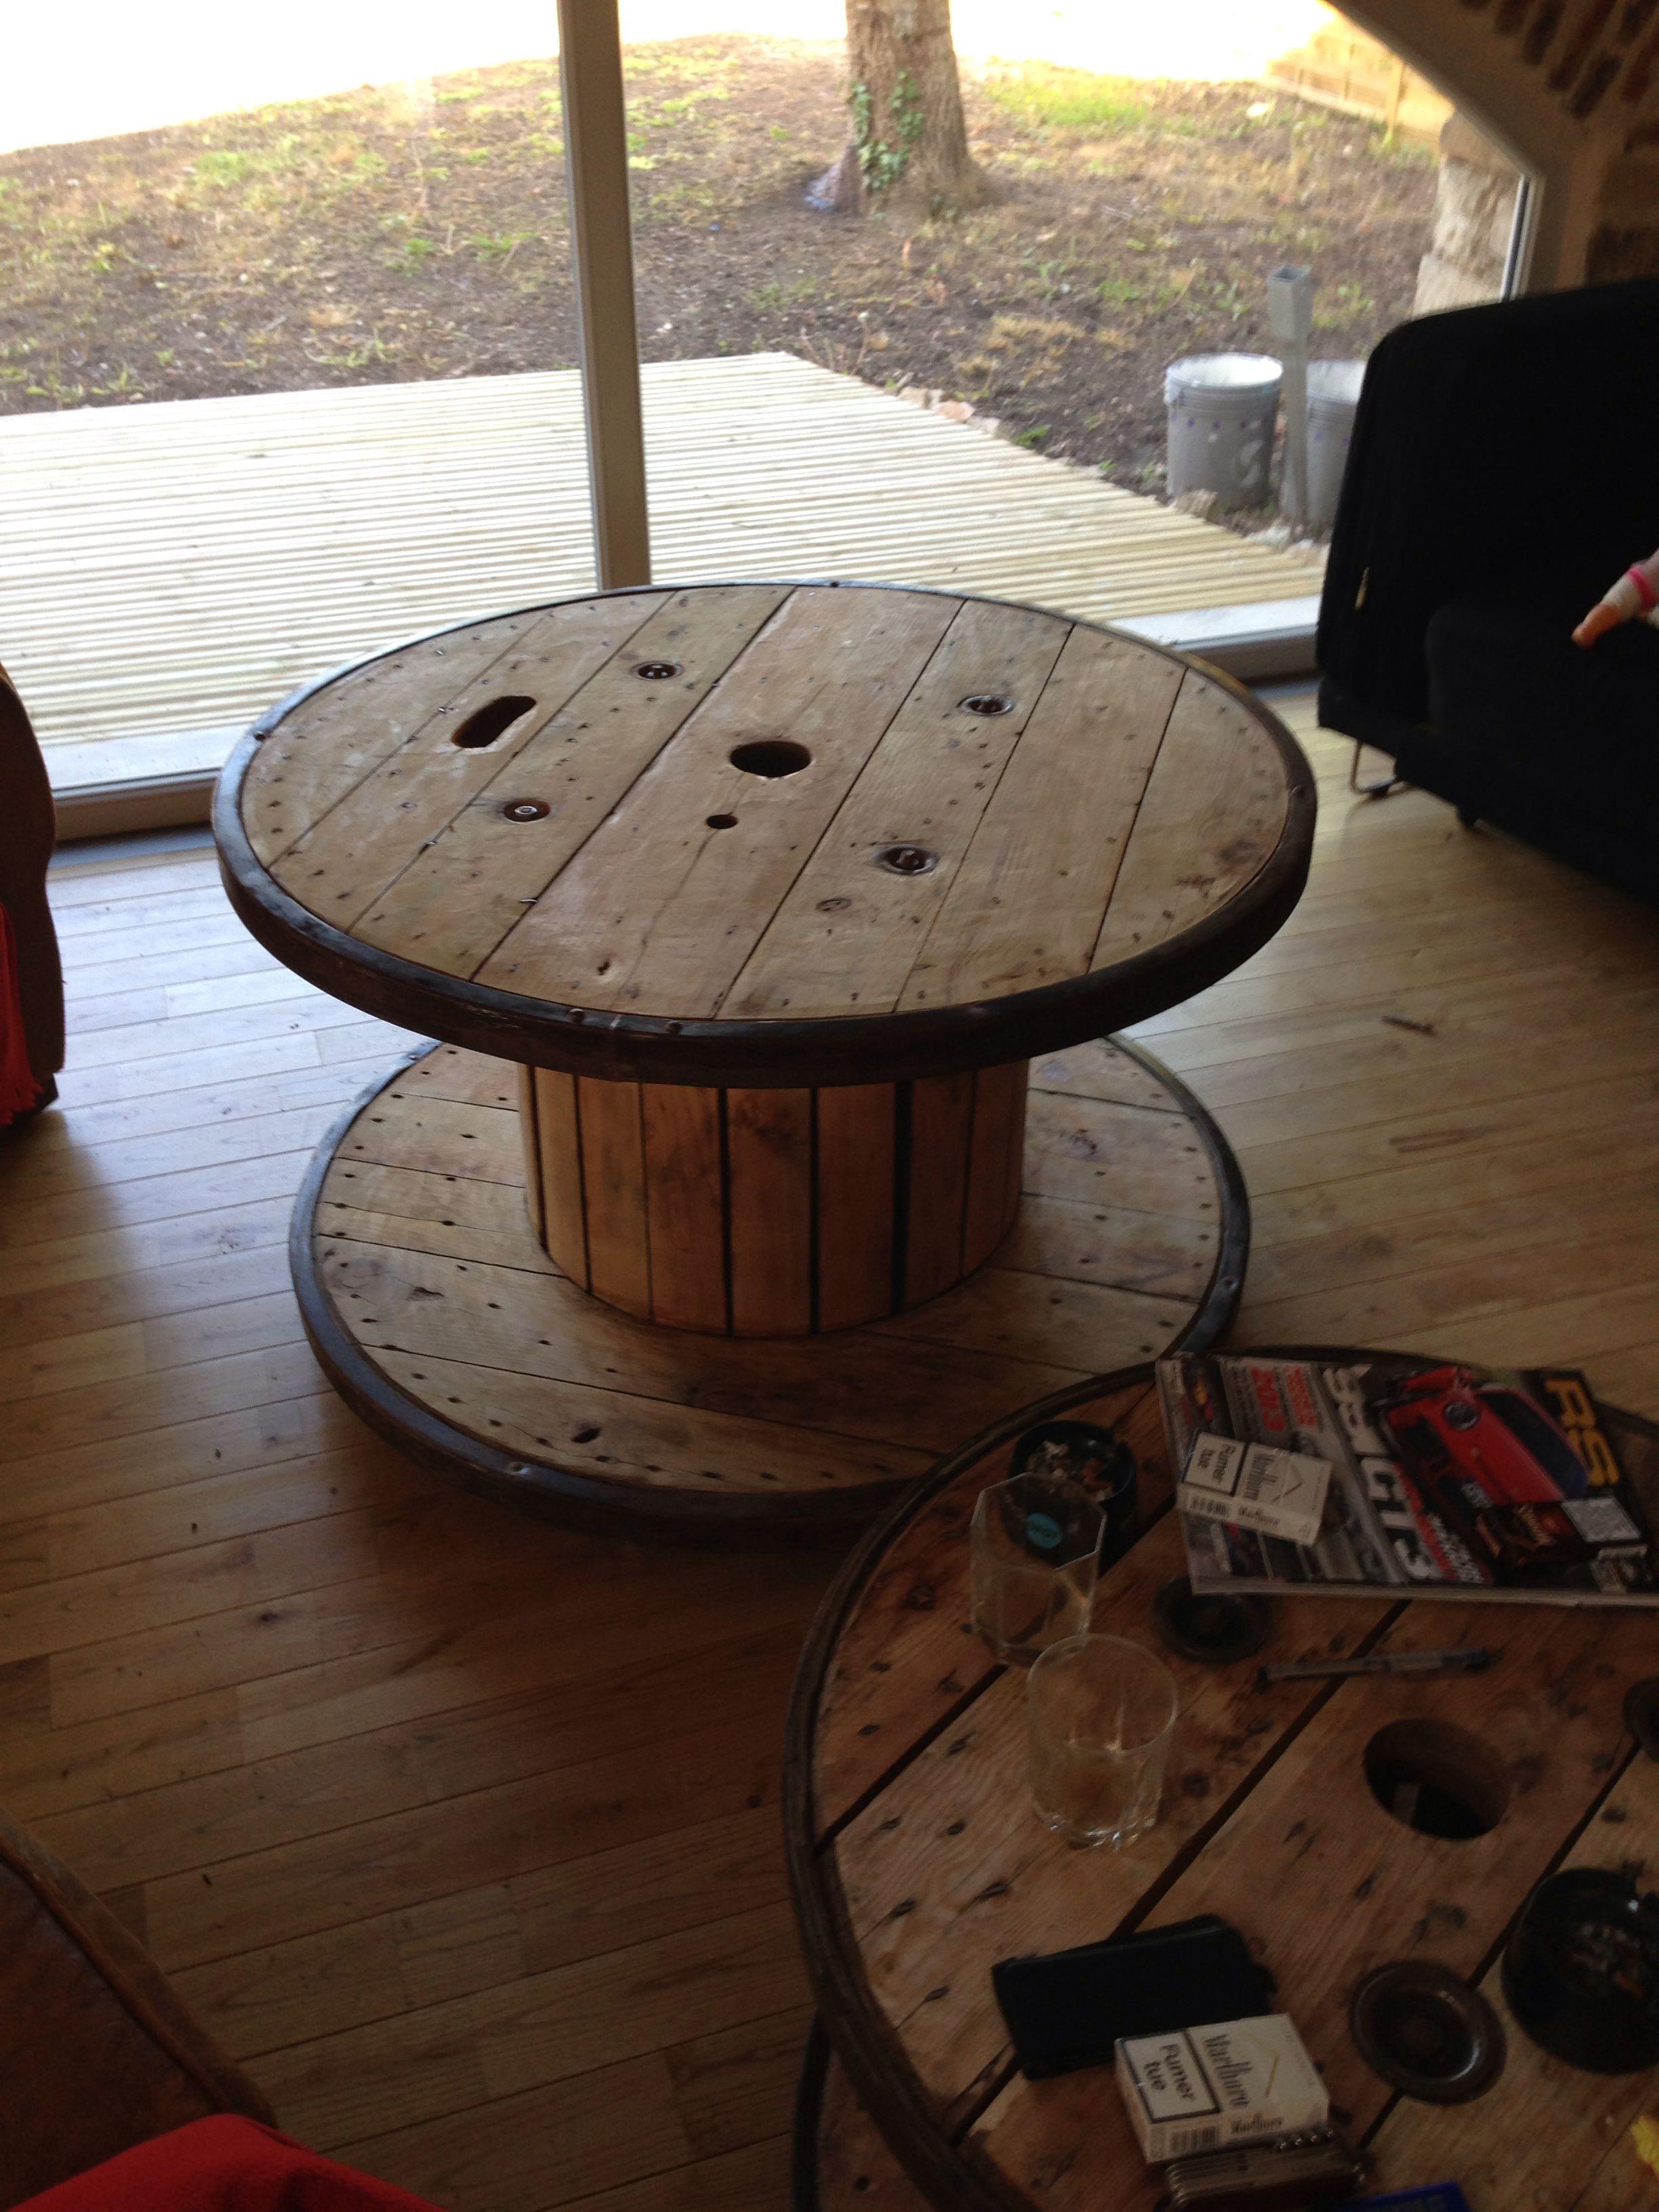 ancien touret cercl en acier transform en table basse de 1 20 m de diam tre mes conceptions. Black Bedroom Furniture Sets. Home Design Ideas